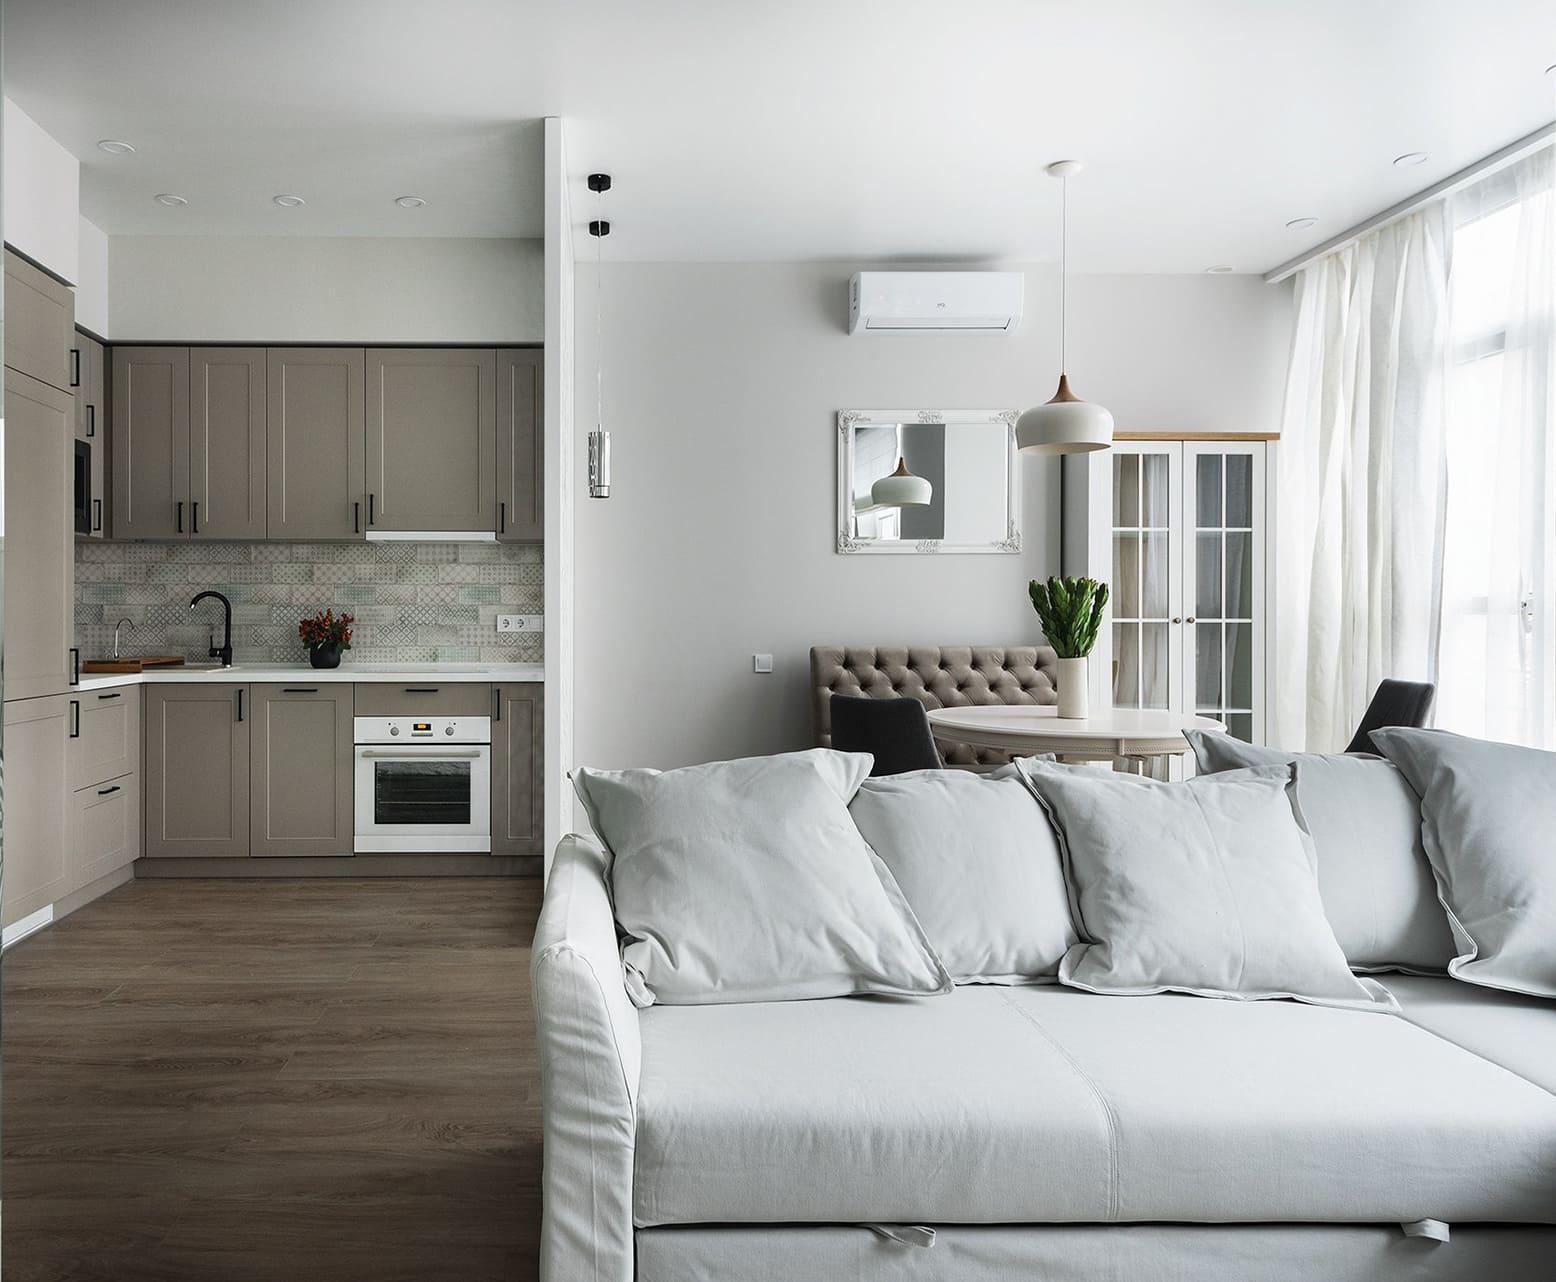 Conception d'un appartement à une chambre photo 35